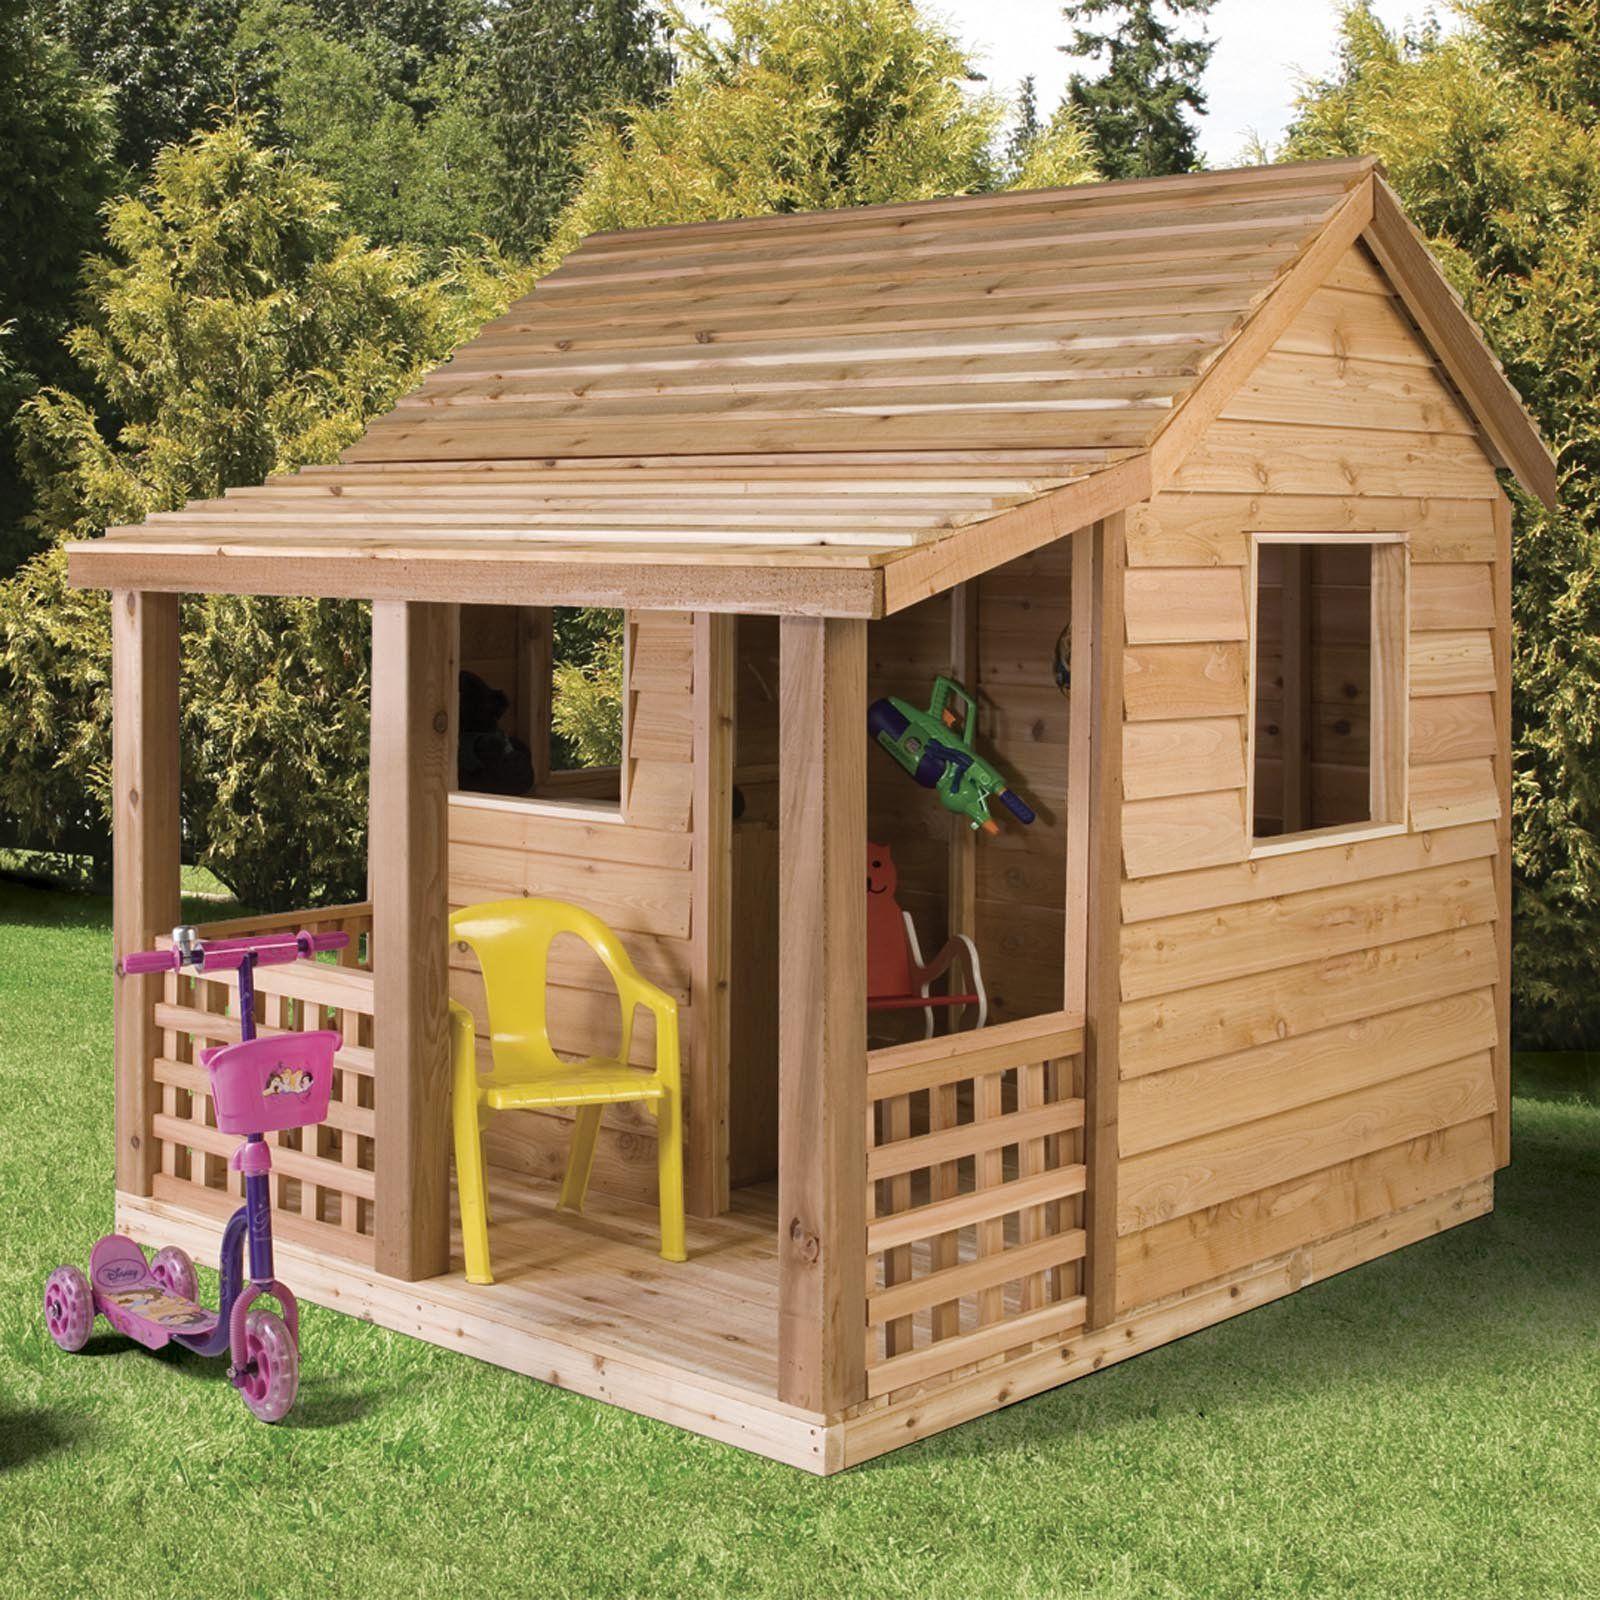 Cedar Shed Cabin Cedar Playhouse Www Hayneedle Com Kinder Spielhaus Garten Schuppen Ideen Spielhaus Garten